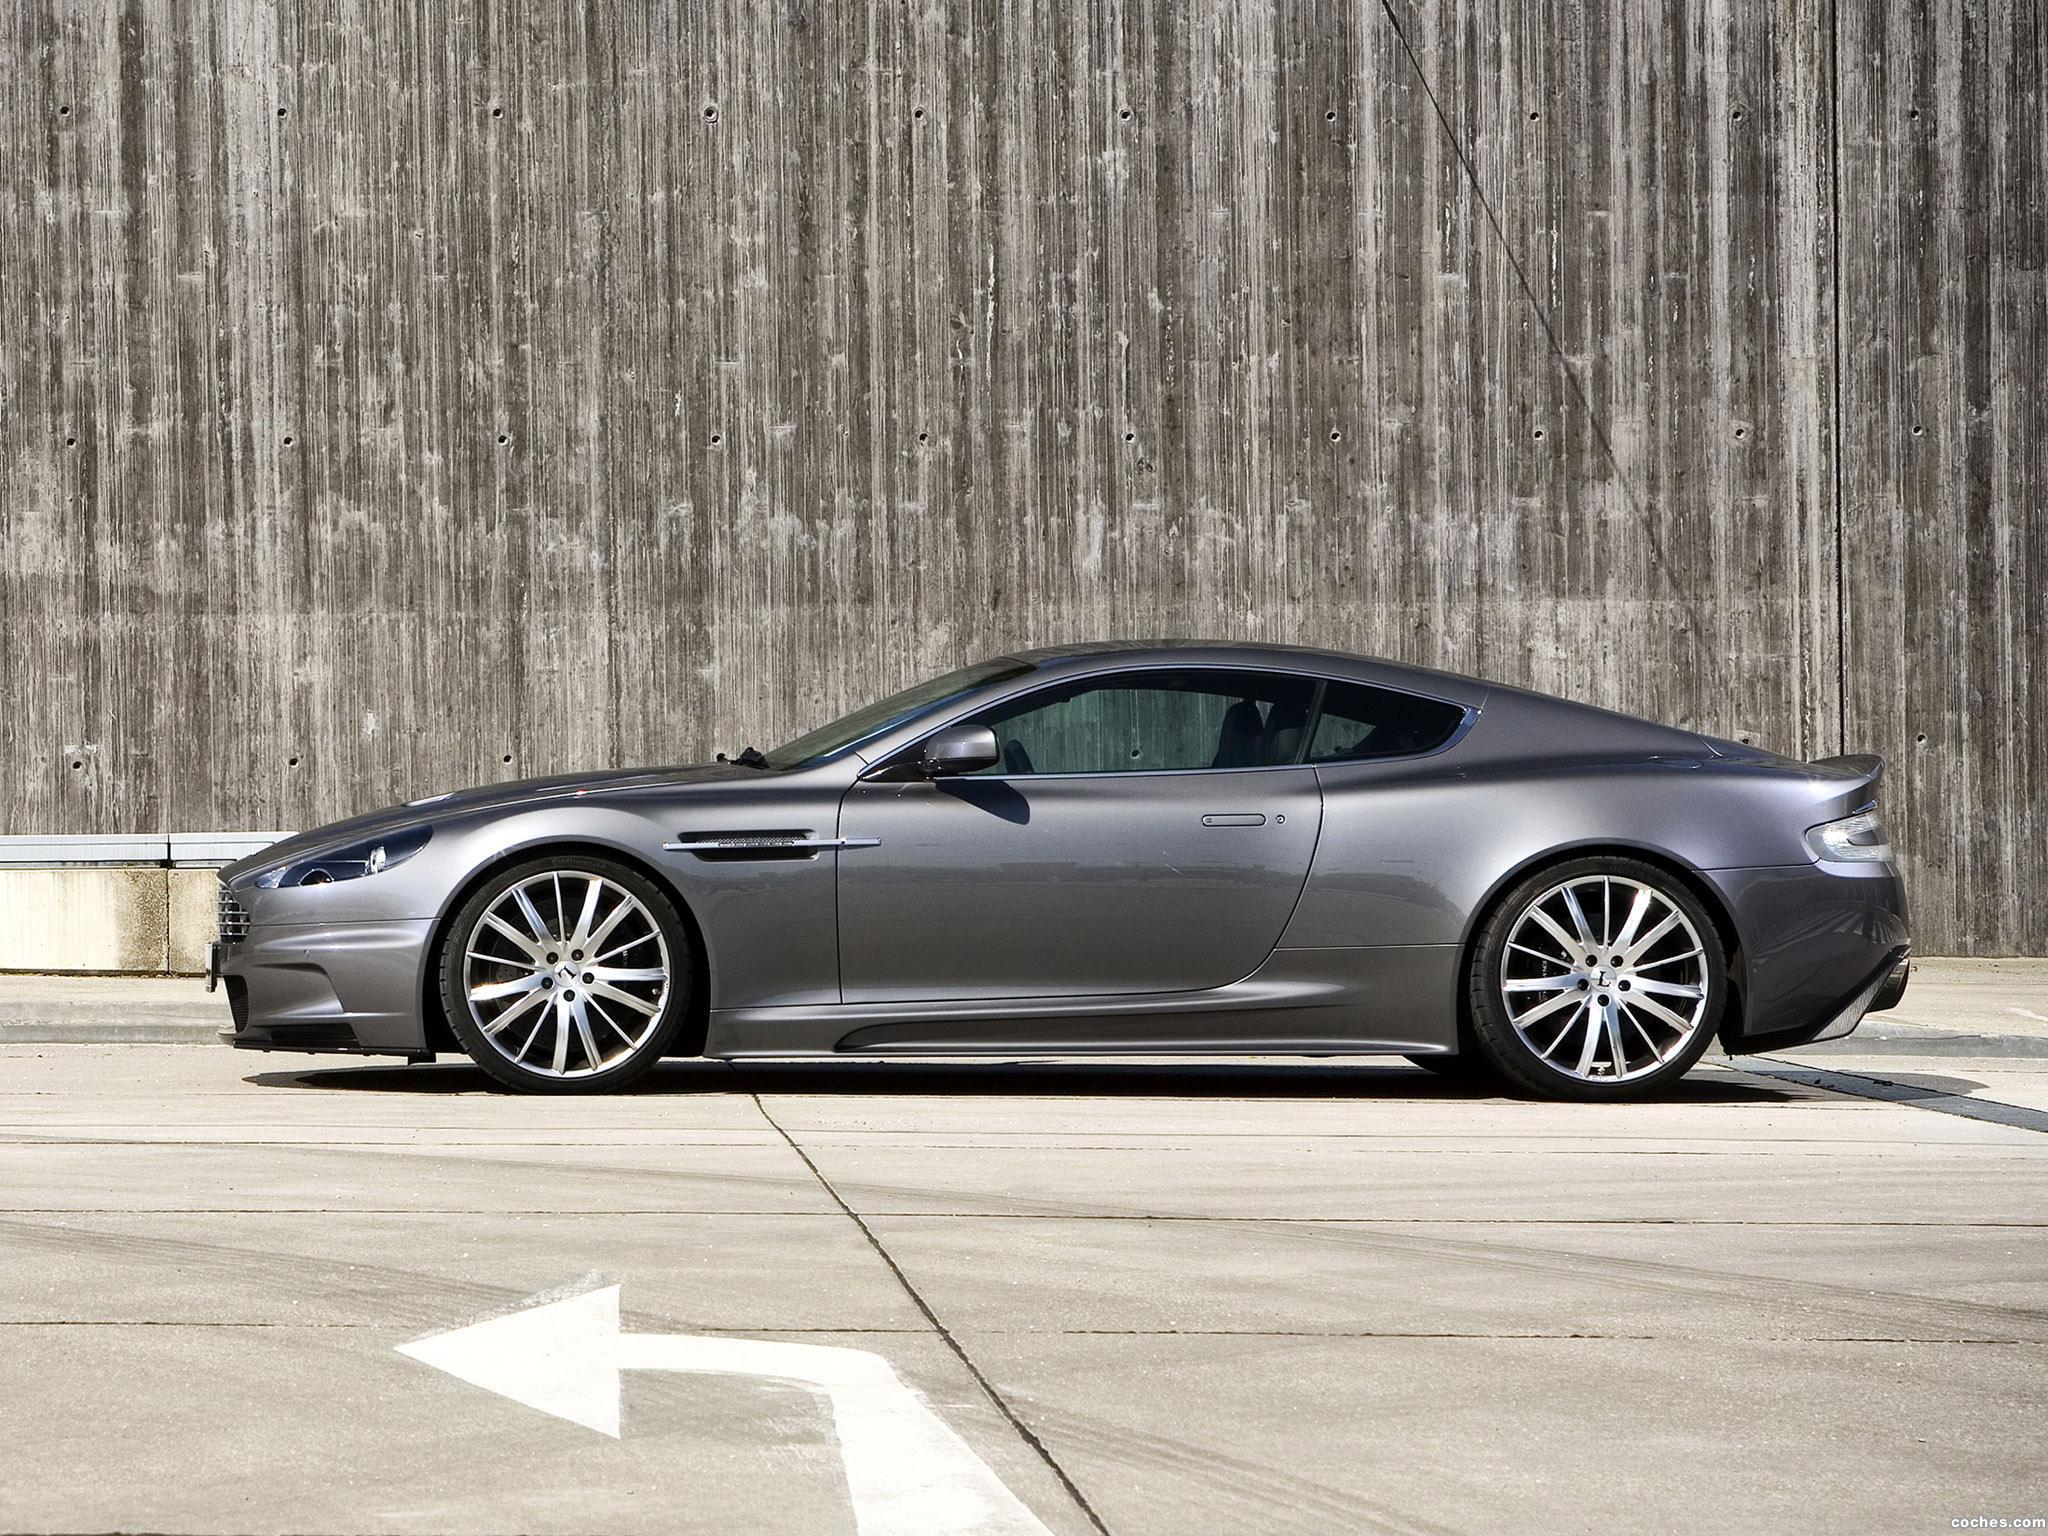 Foto 7 de Loder1899 Aston Martin DBS 2009